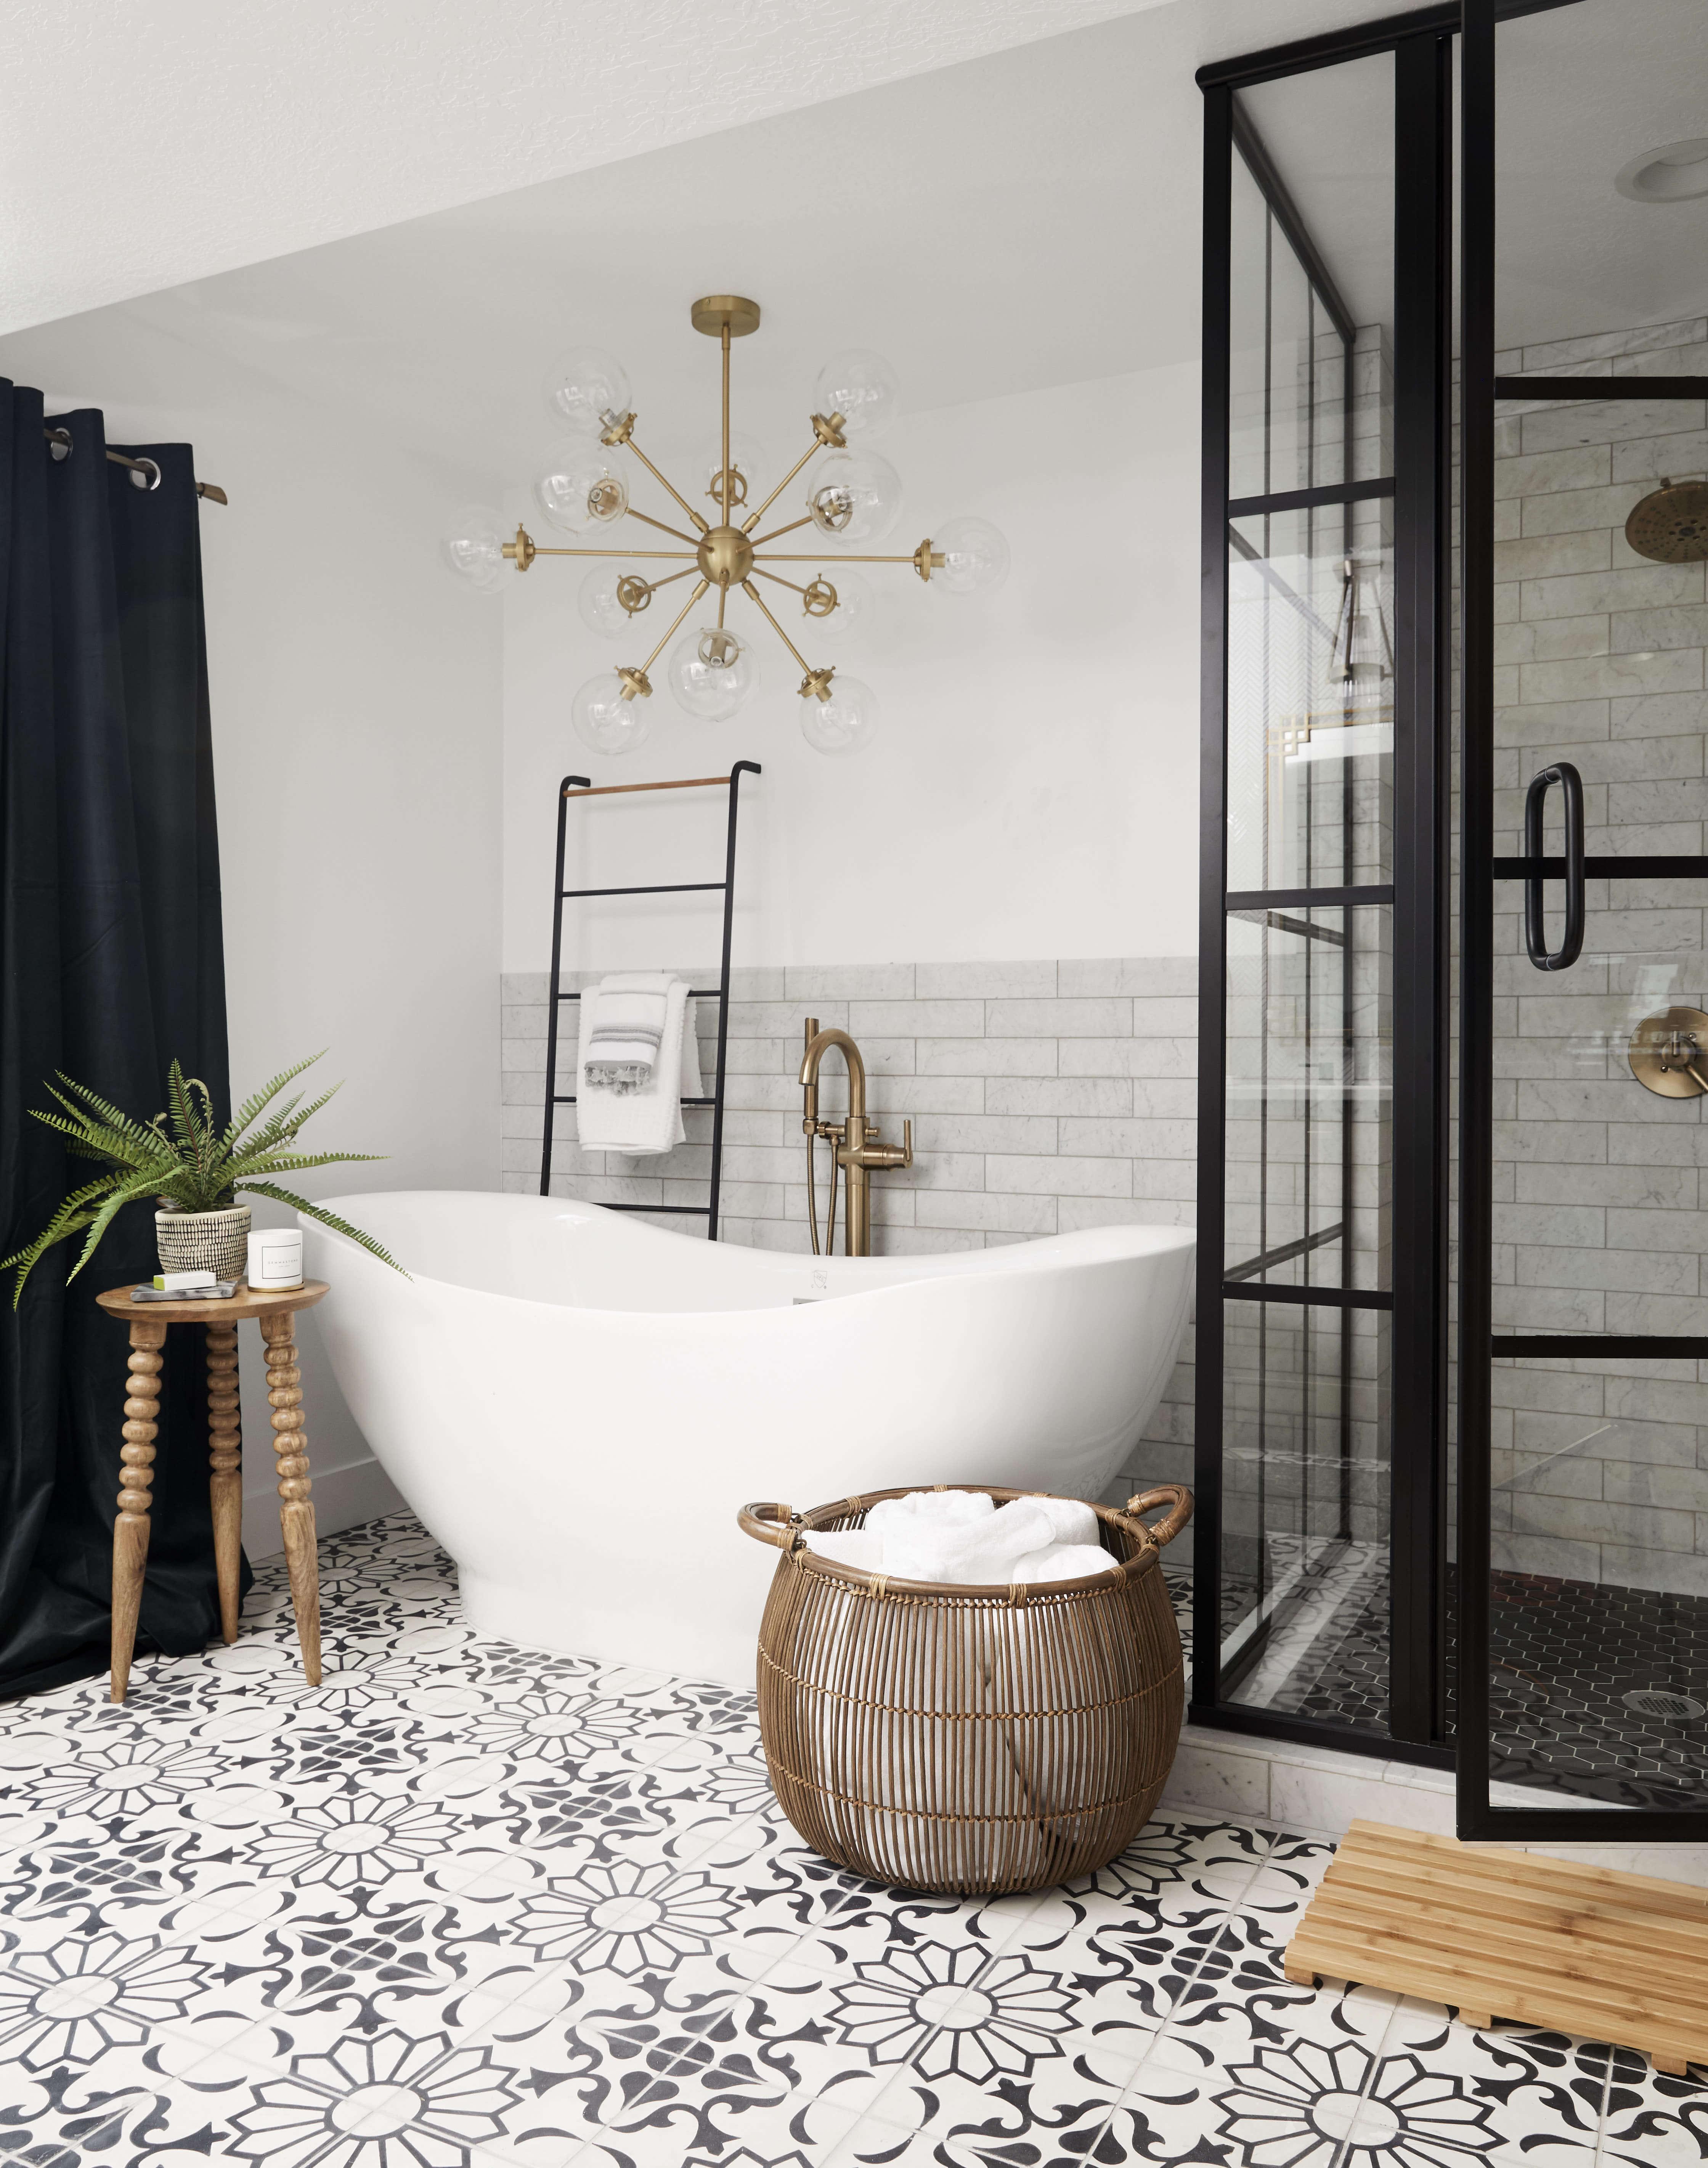 Tendencias en baños en 2019. Baños open concept integrados en las habitaciones.